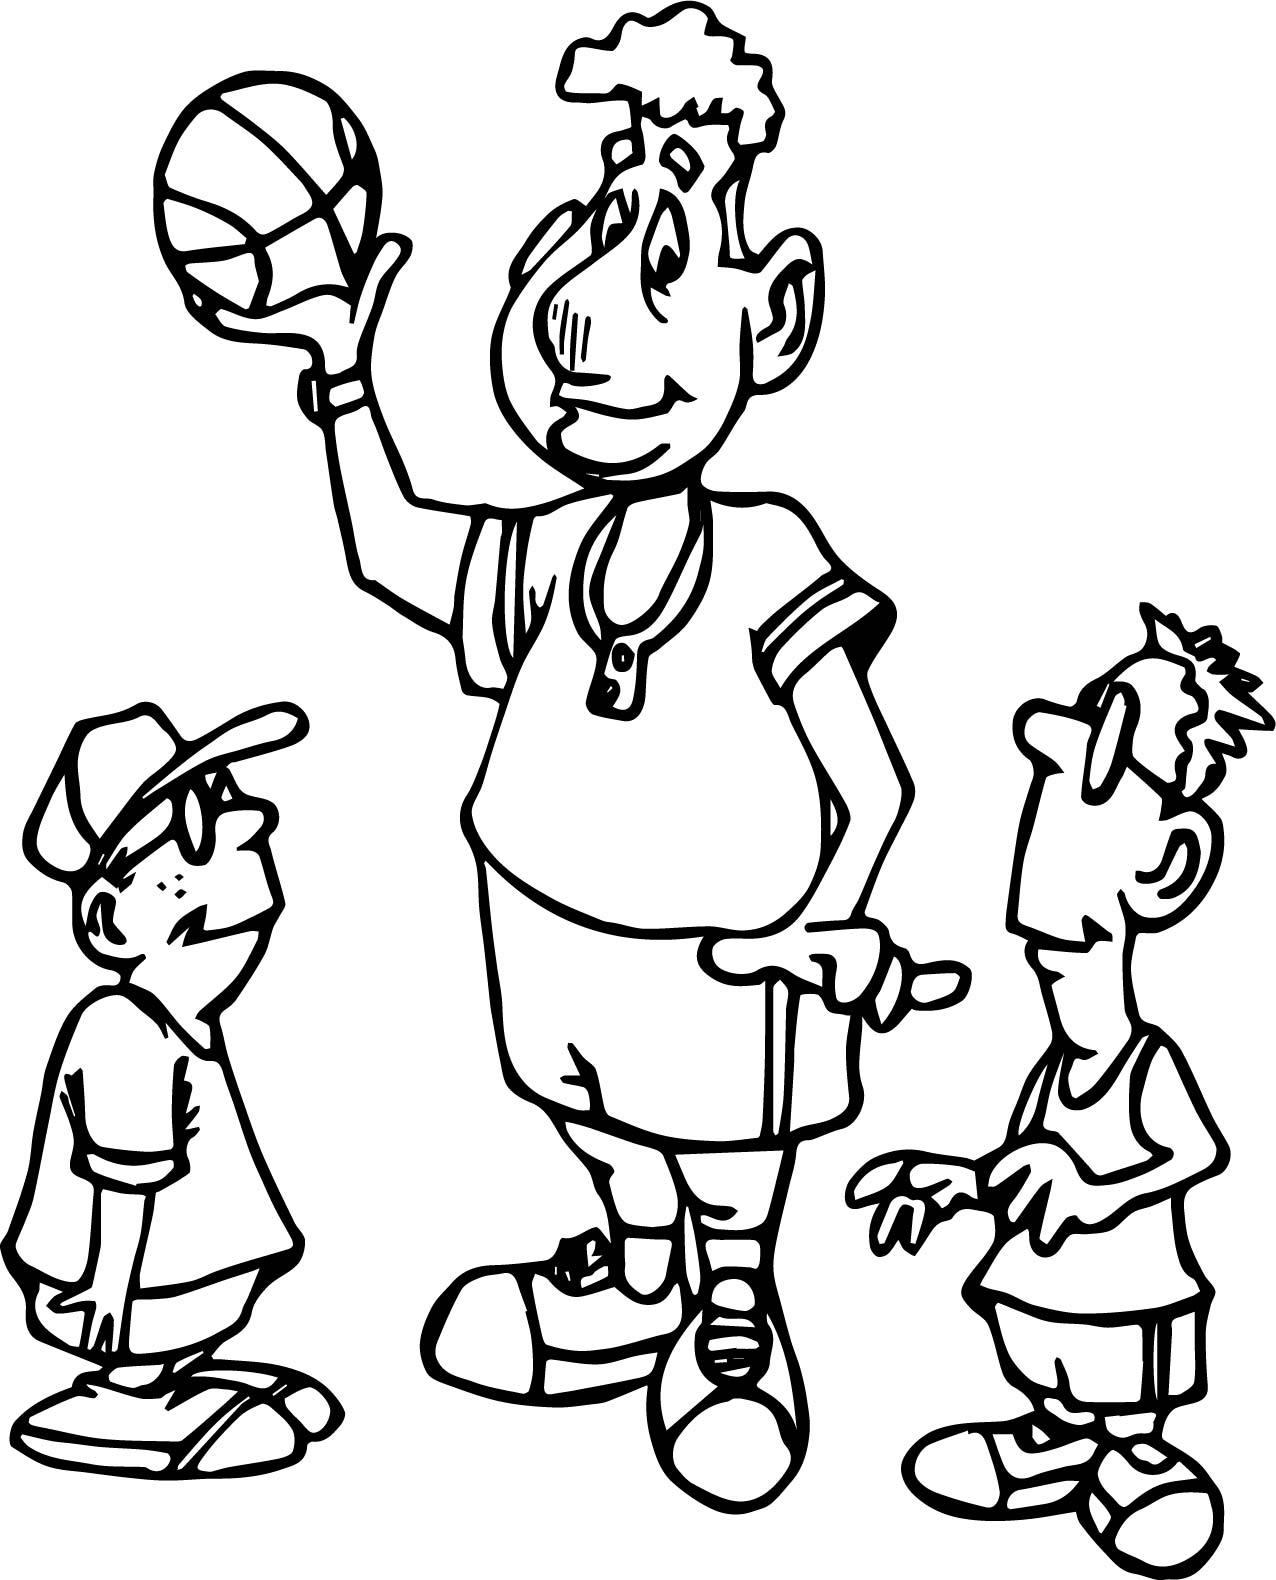 Basketball Players Playing Basketball Coloring Page